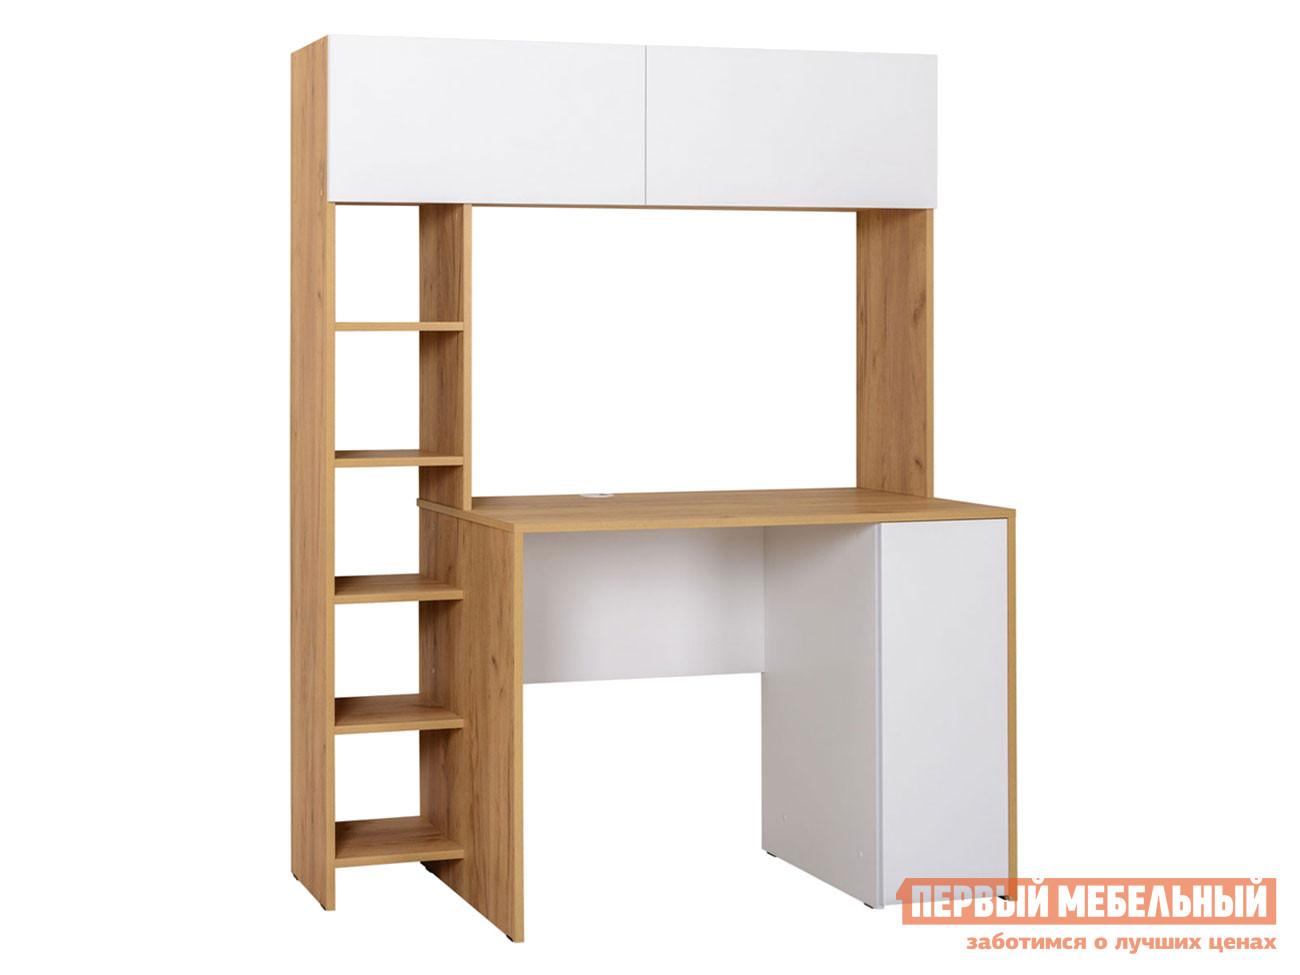 Фото - Компьютерный стол Первый Мебельный Комфорт 12.73 компьютерный стол первый мебельный комфорт 12 72